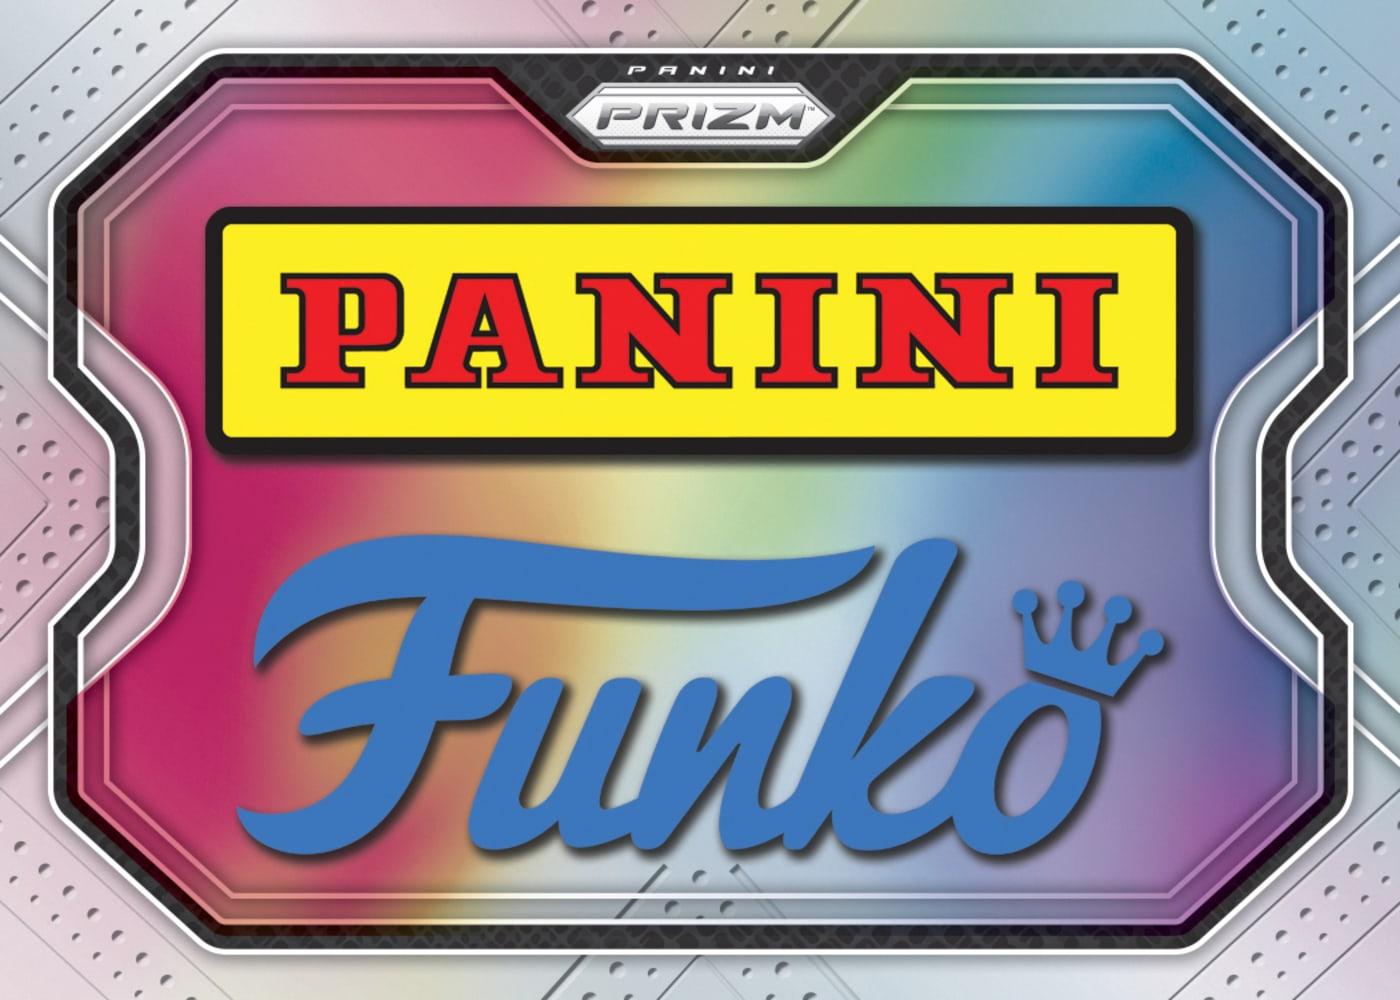 Panini x Funko